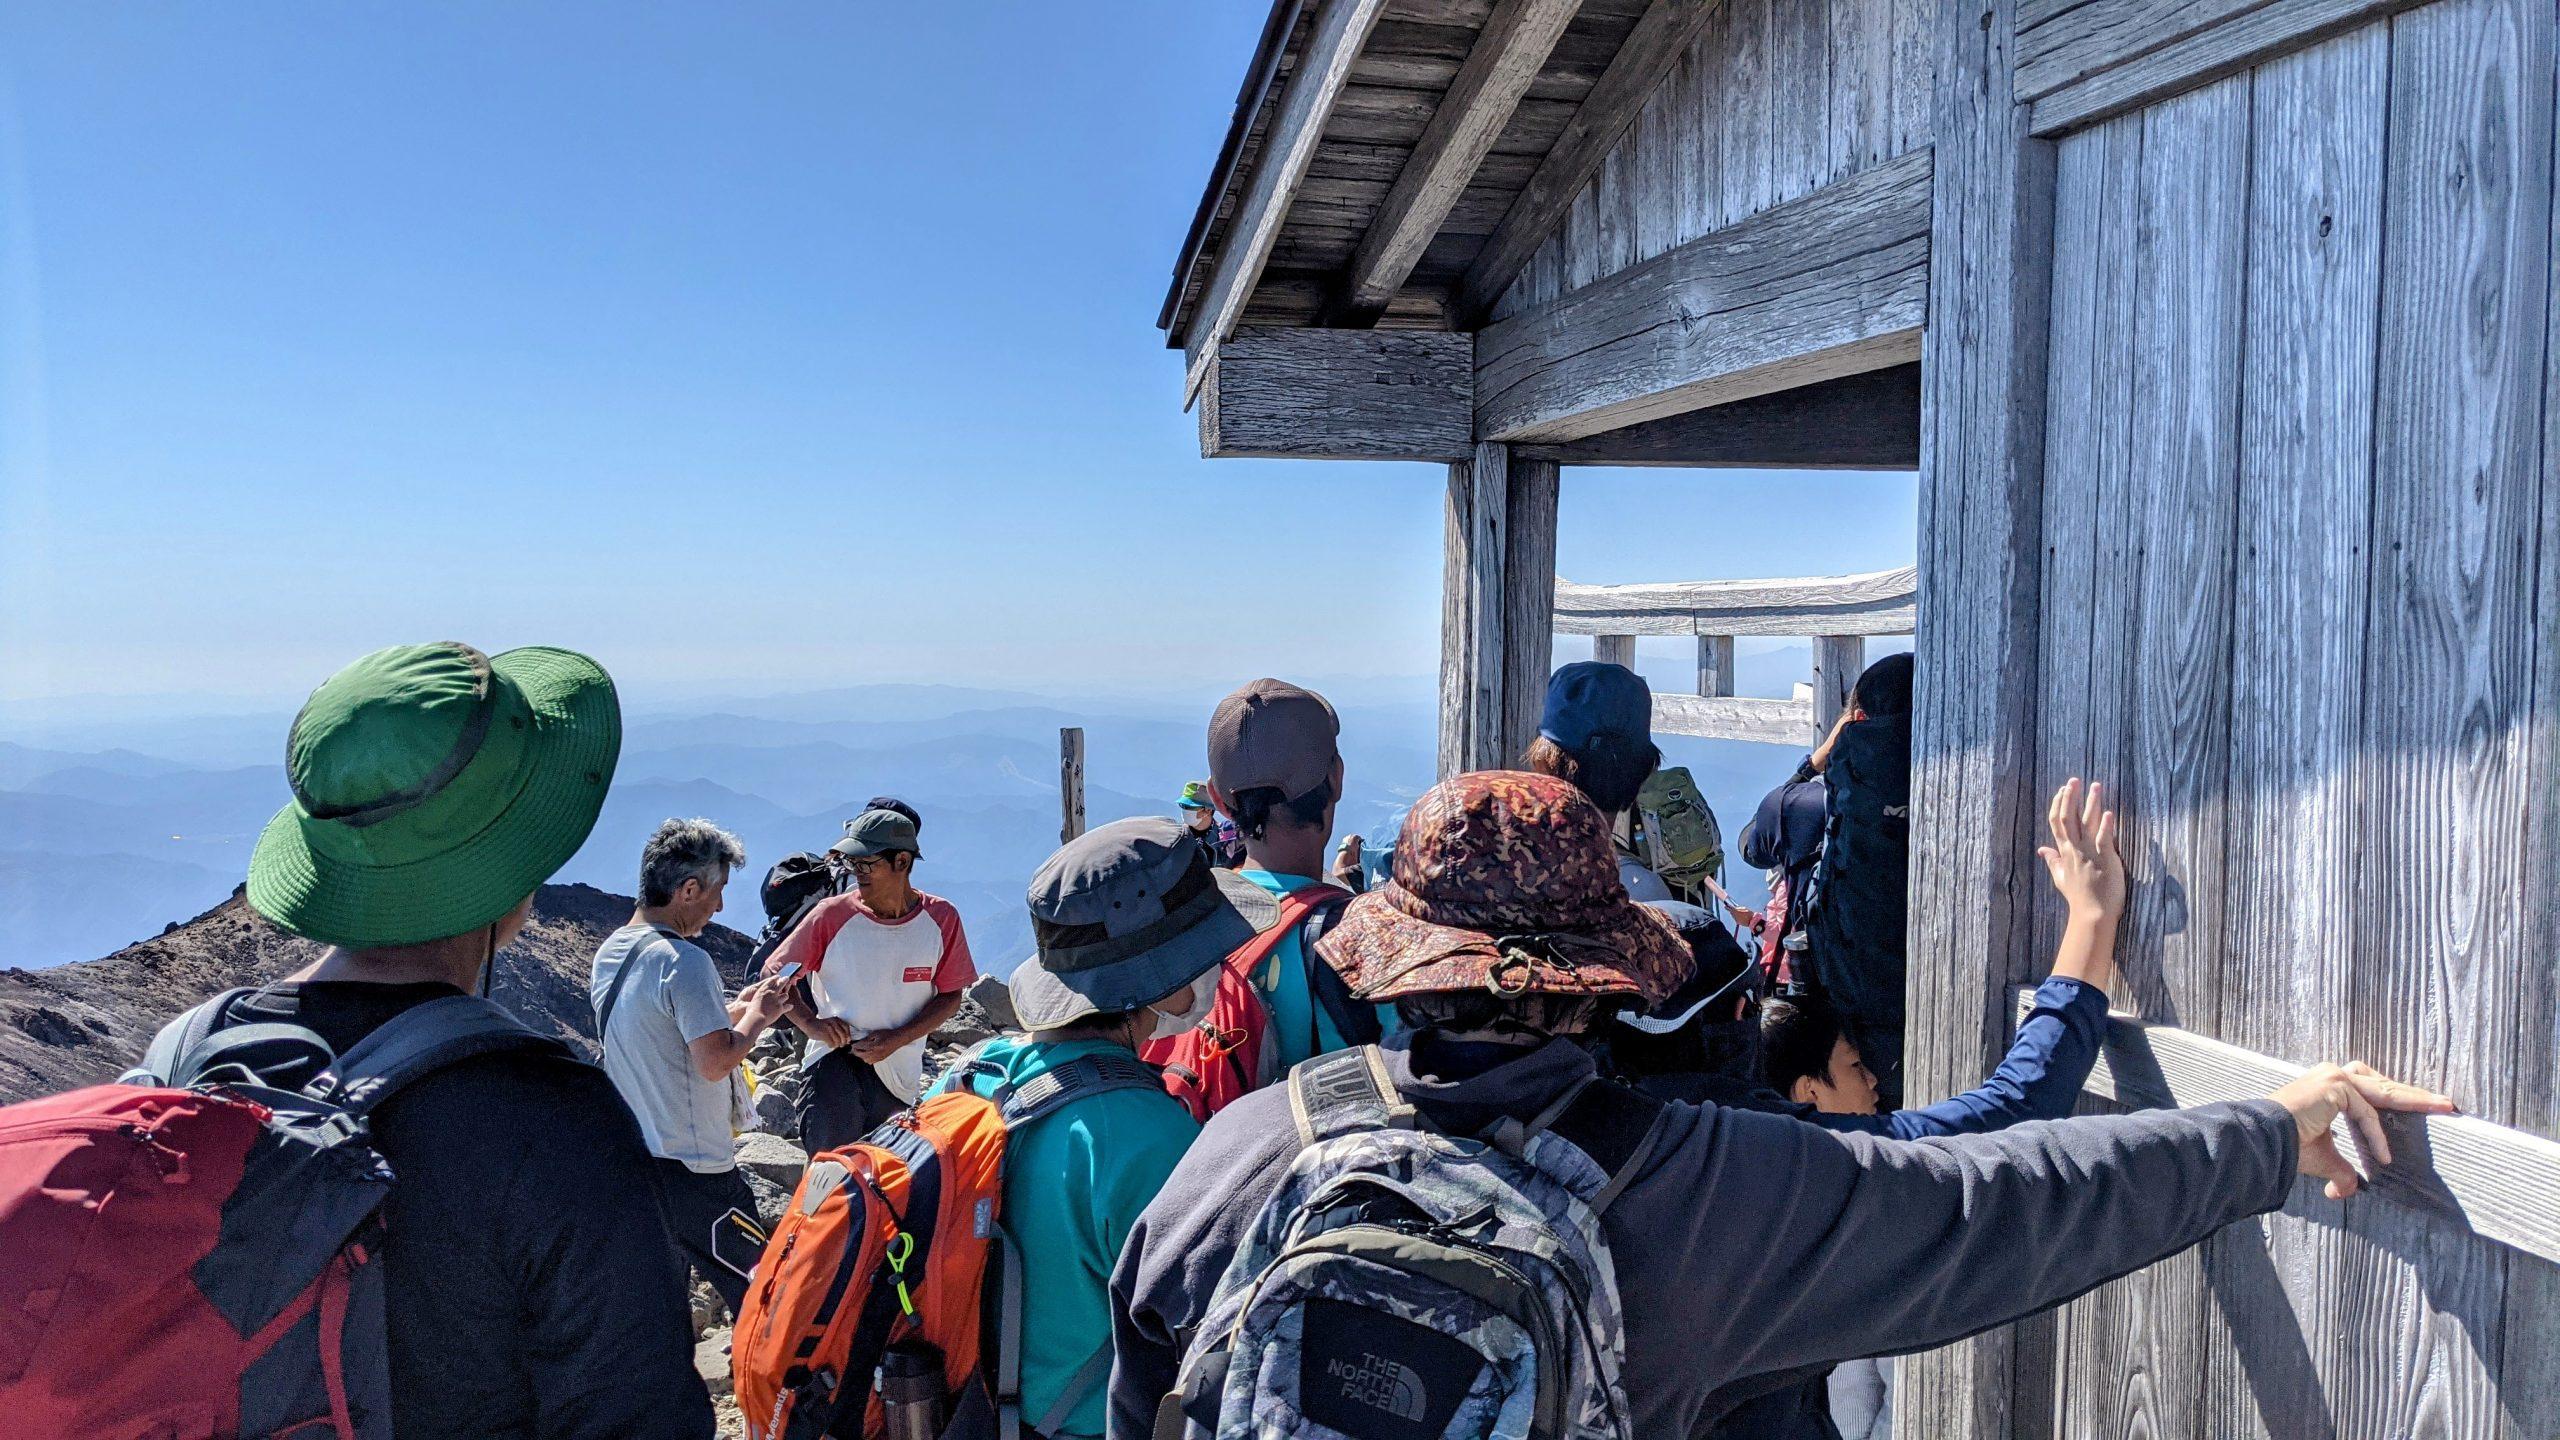 Summit crowd on Norikura-dake